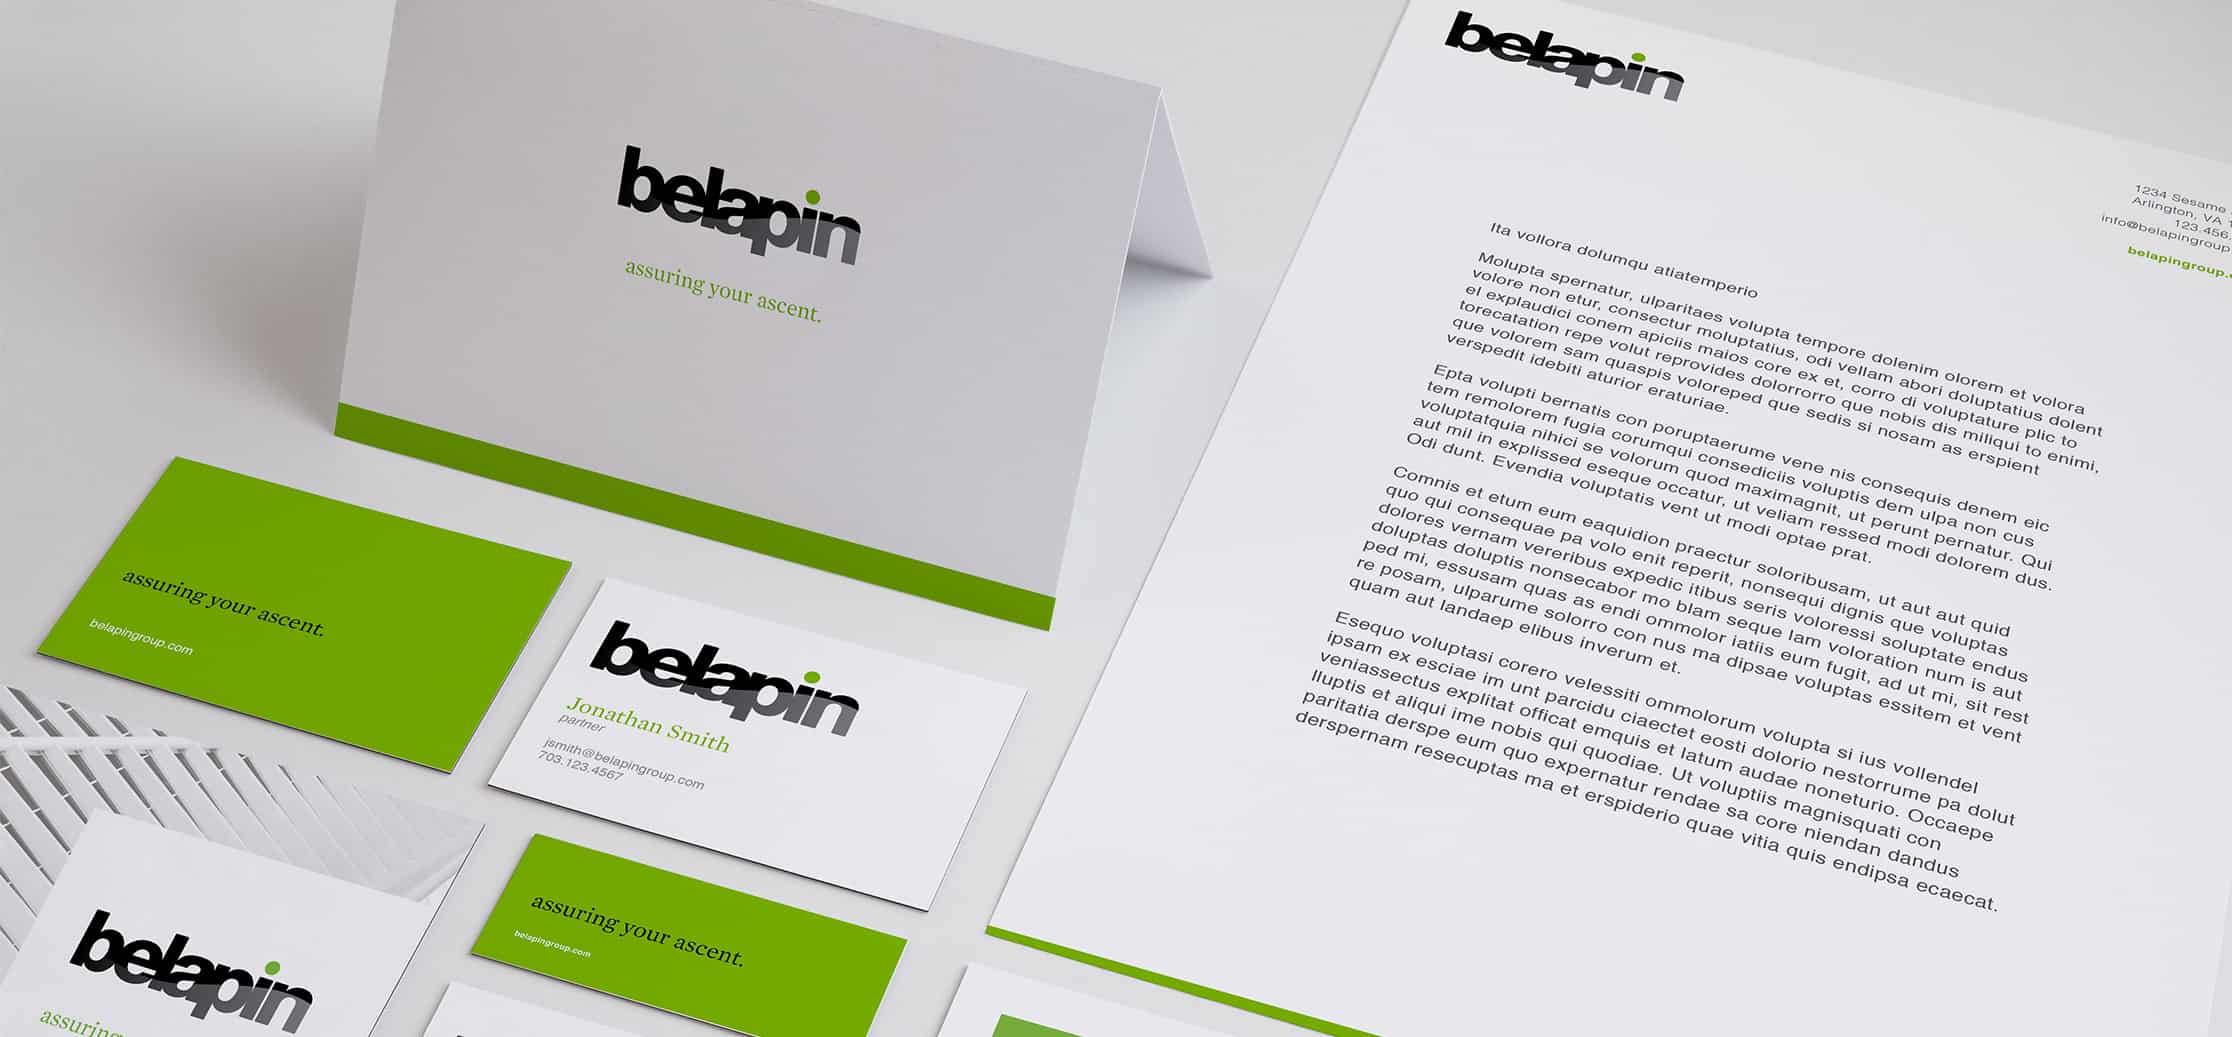 belapin-stationery-fullwidth